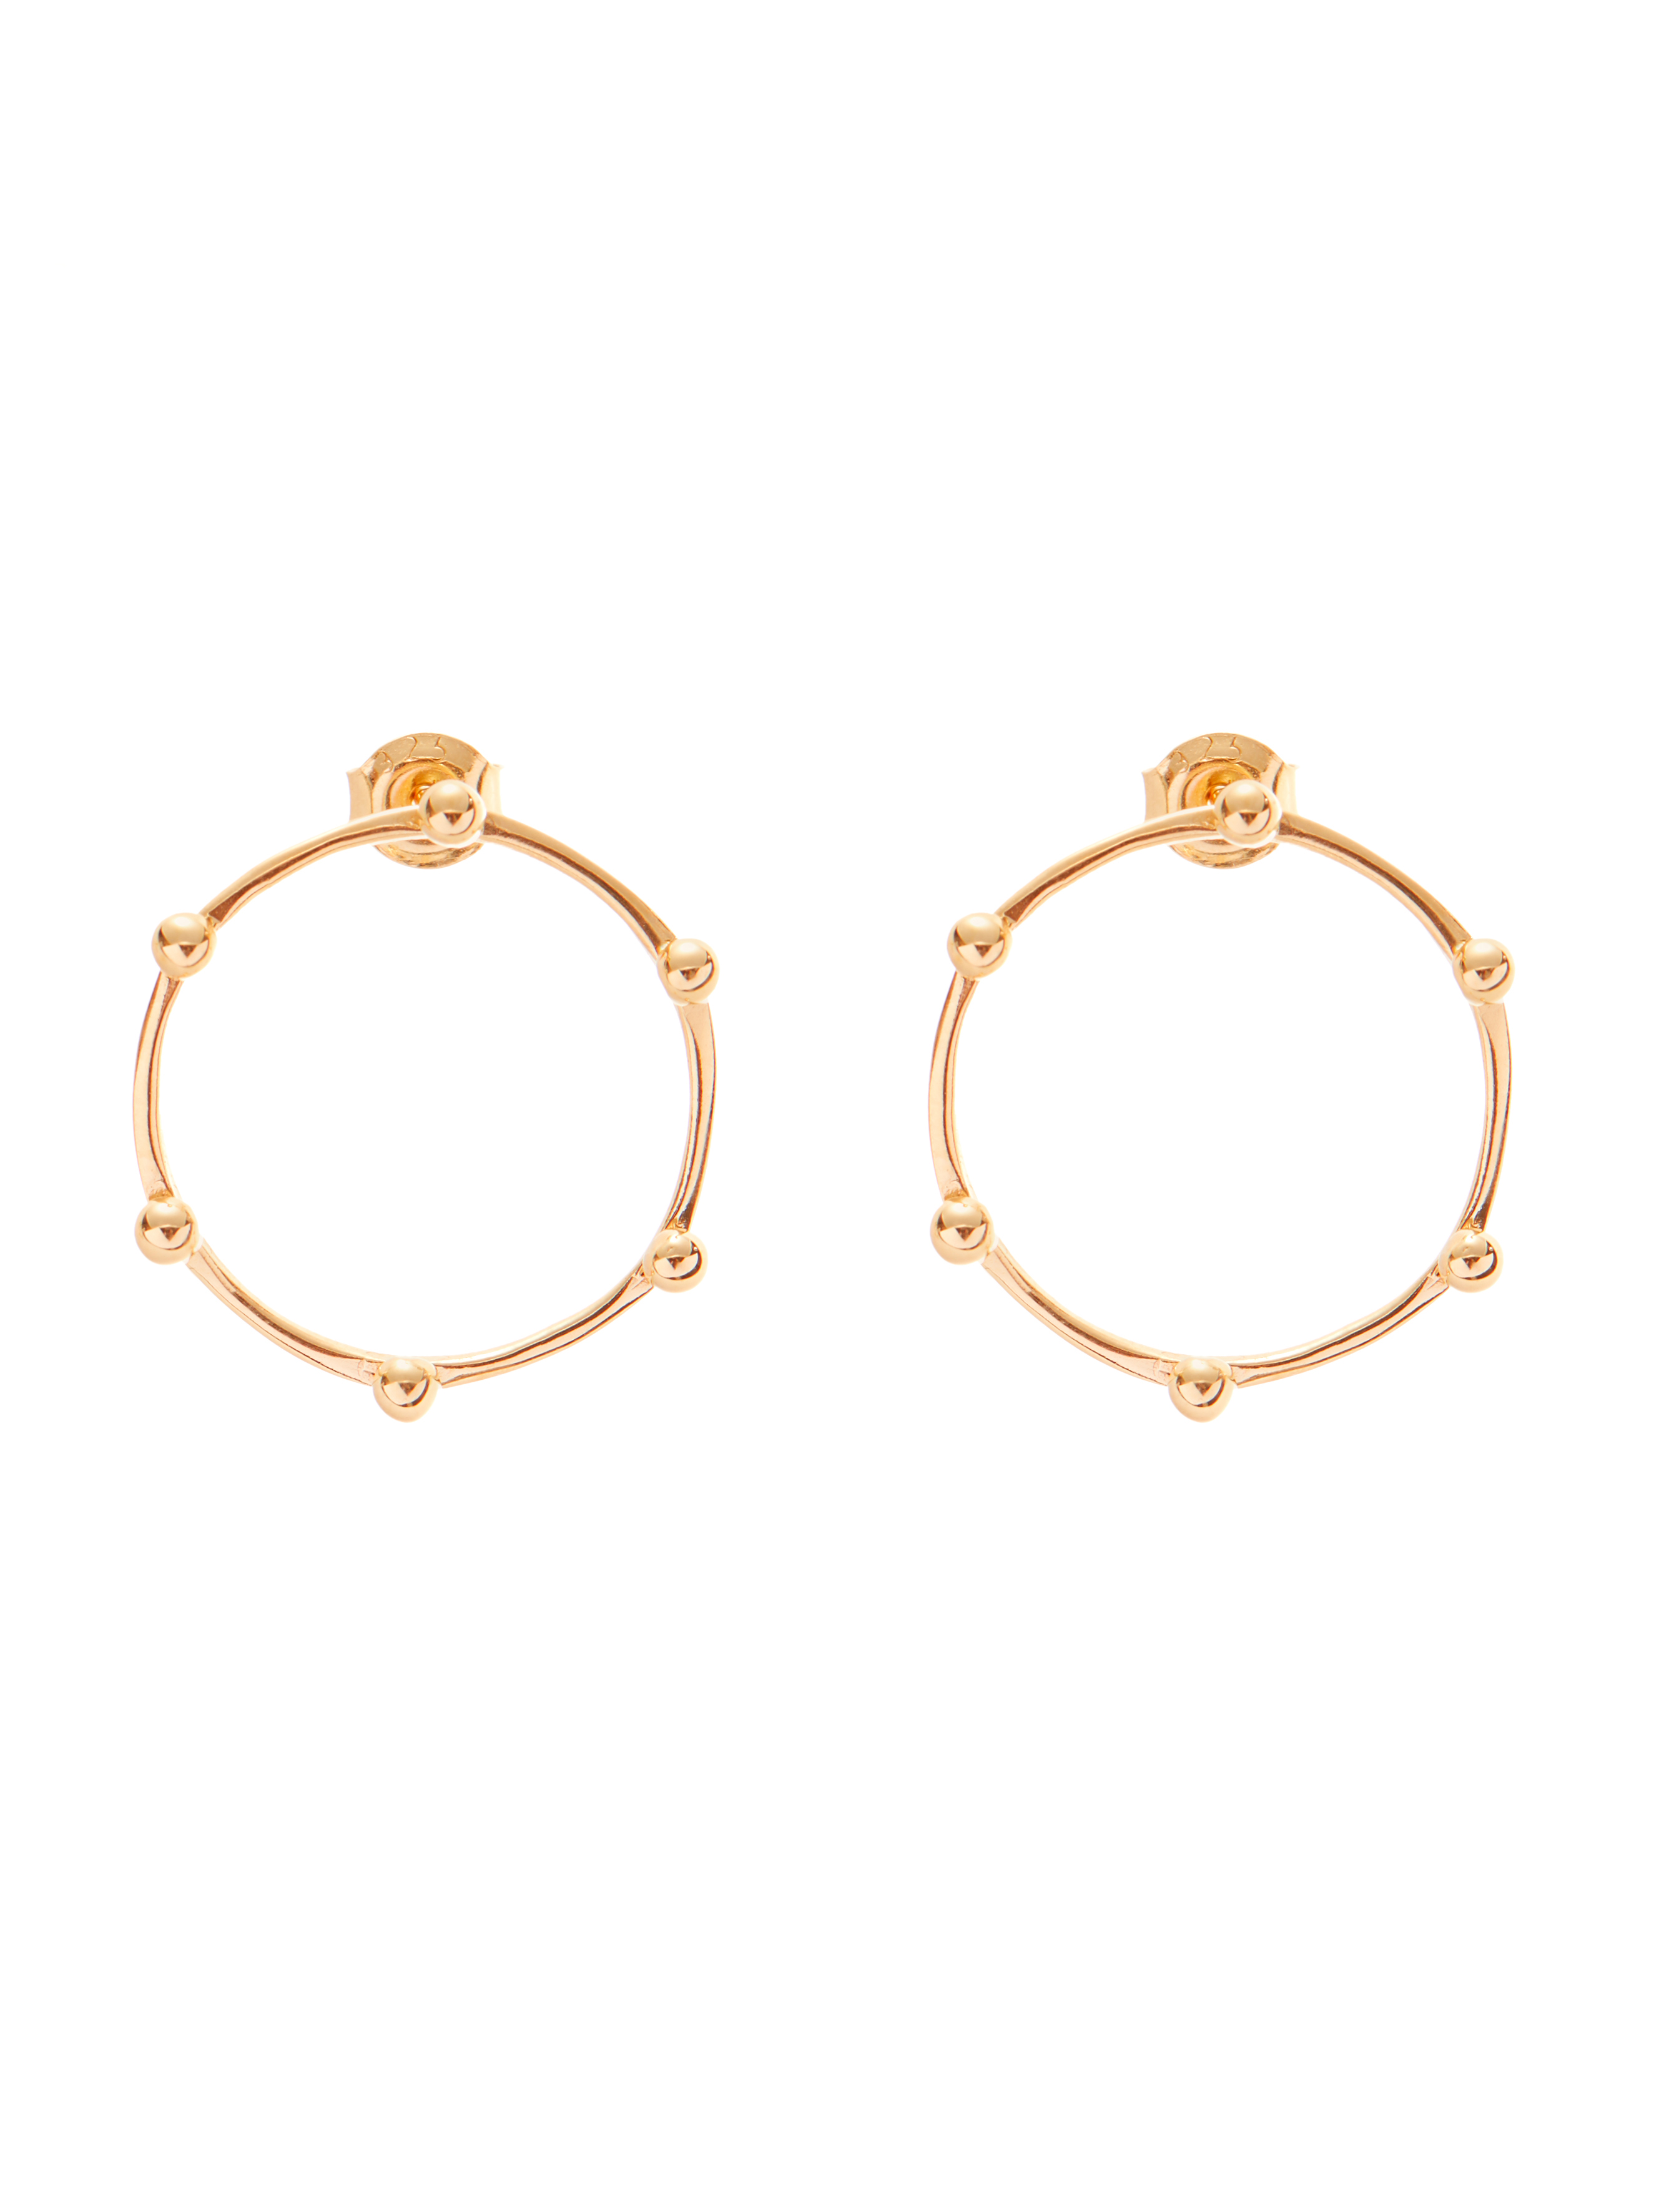 Kolczyki małe płaskie kółka kolczyki re8 gold złoto minimalistyczna biżuteria moie